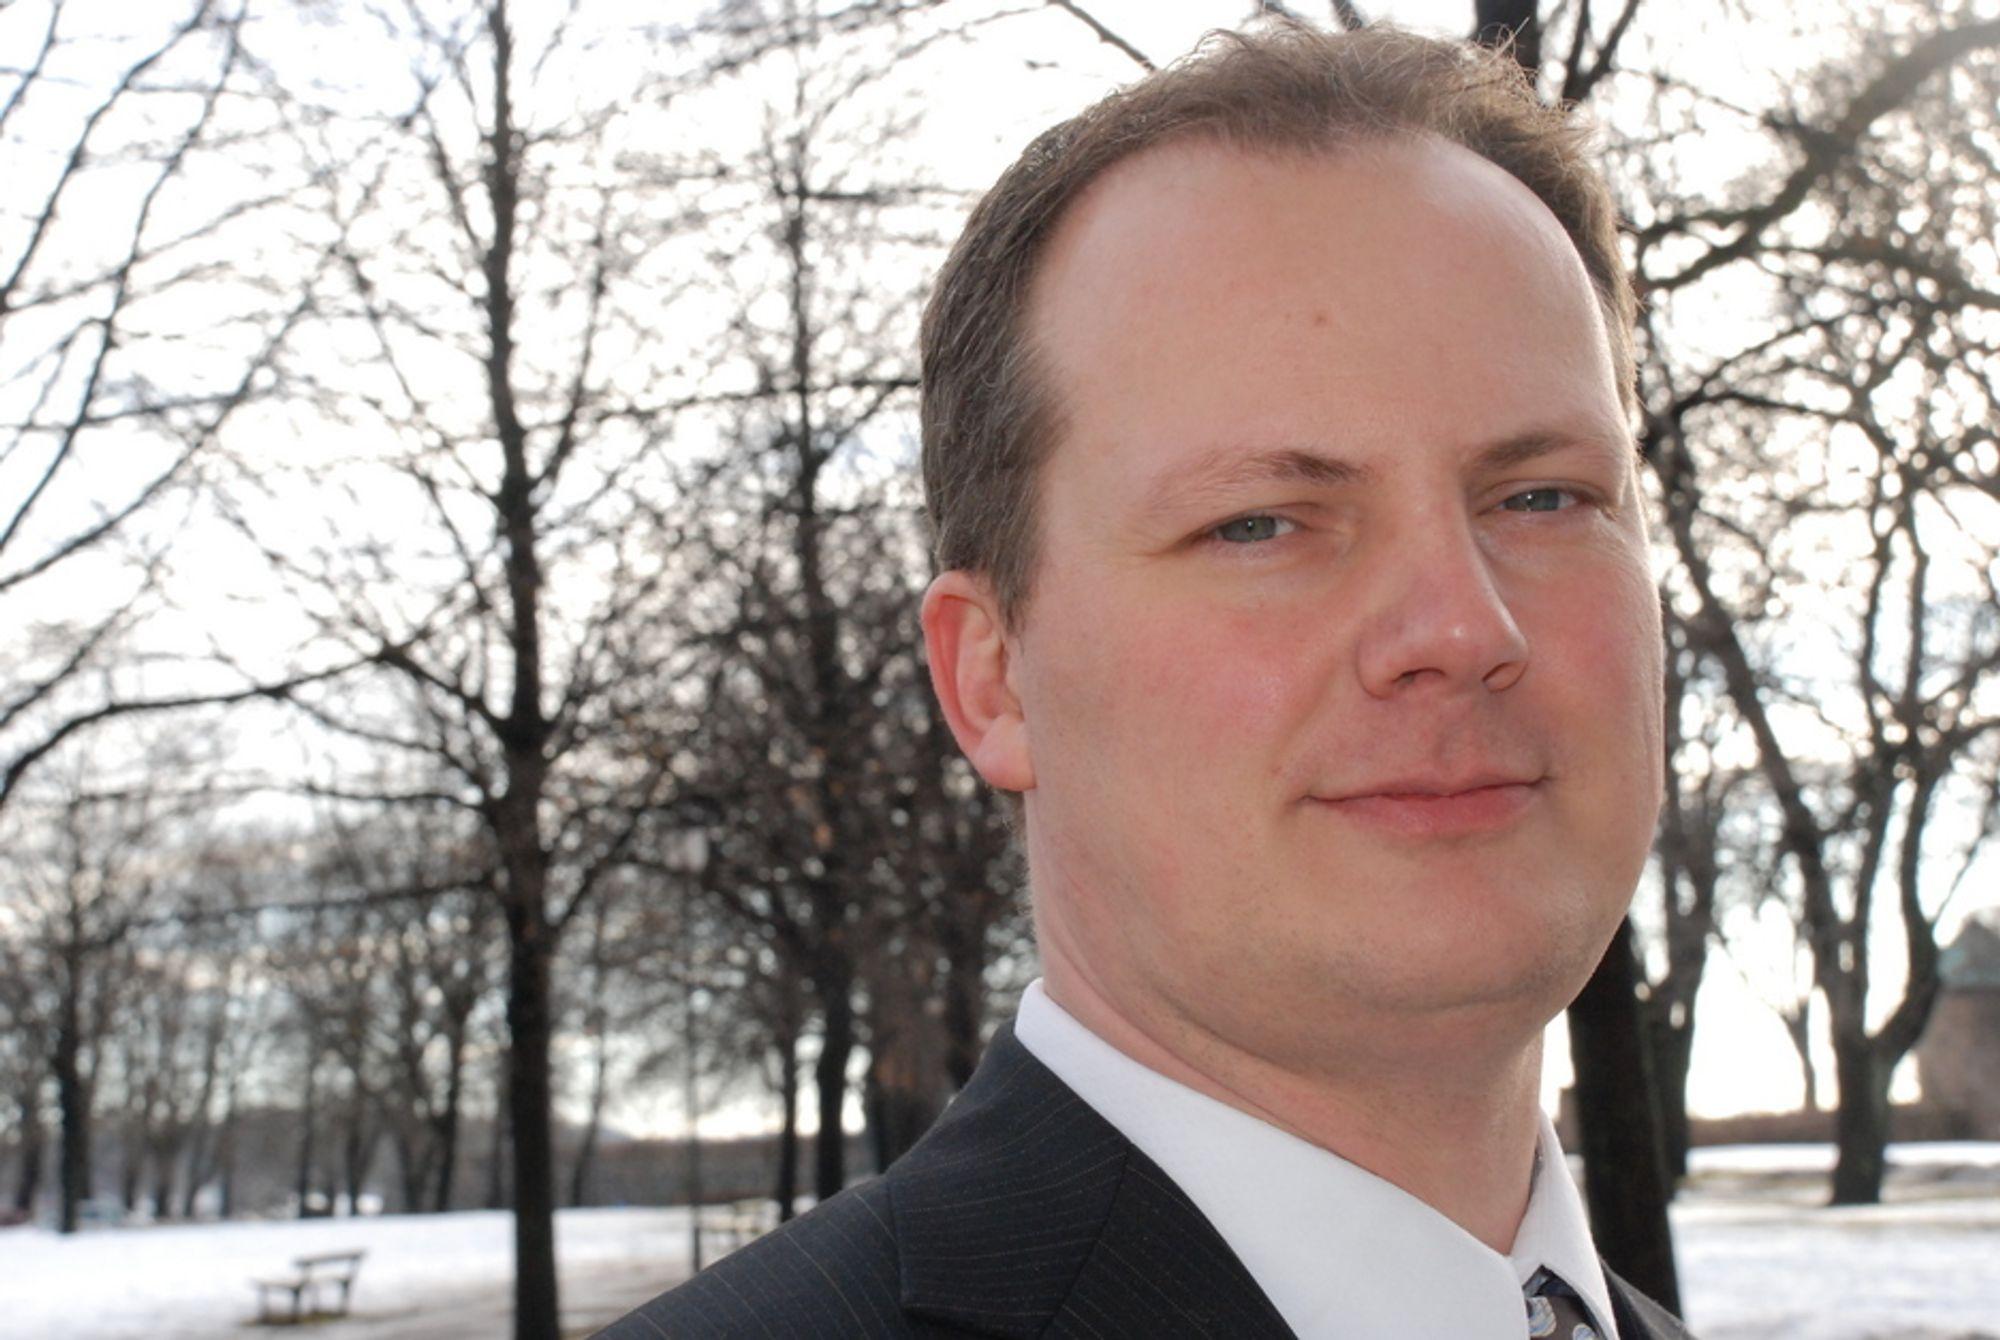 KREVER SVAR: Frps Ketil Solvik-Olsen krever at regjeringen klargjør Enovas fremtidige rolle.